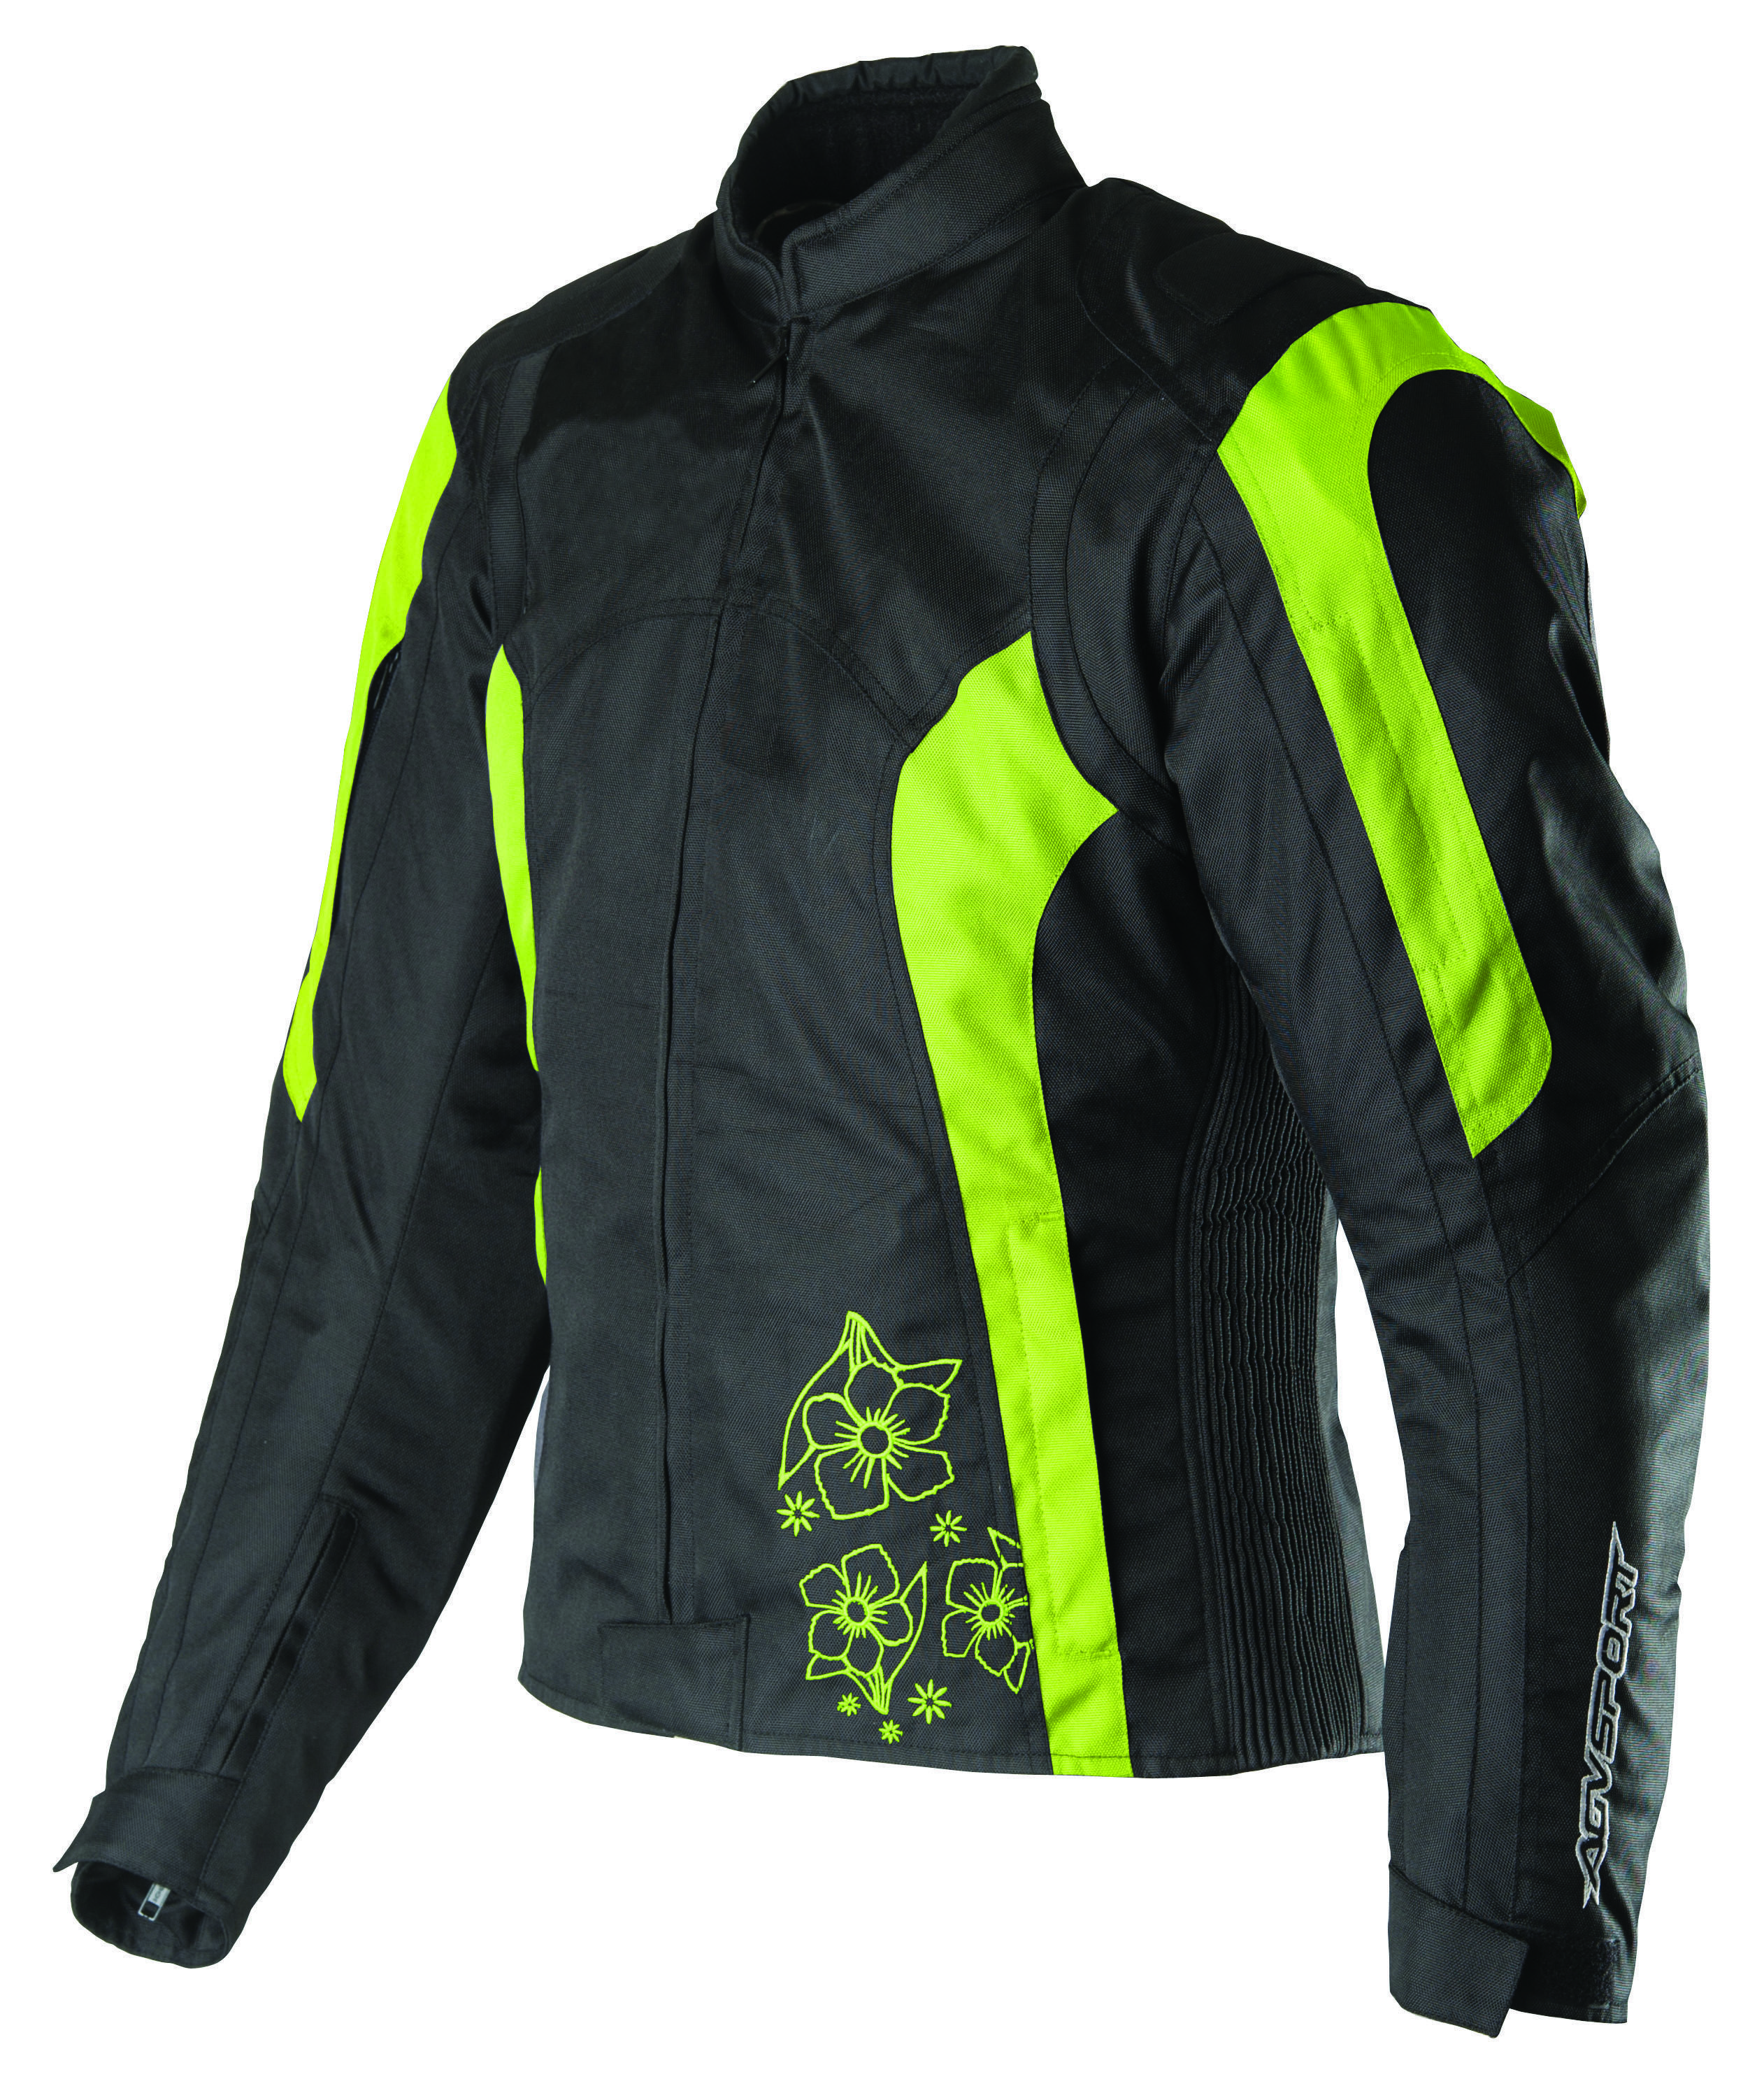 AGVSPORT Sky (Black,Flo Yellow) Ladies Textile Jacket